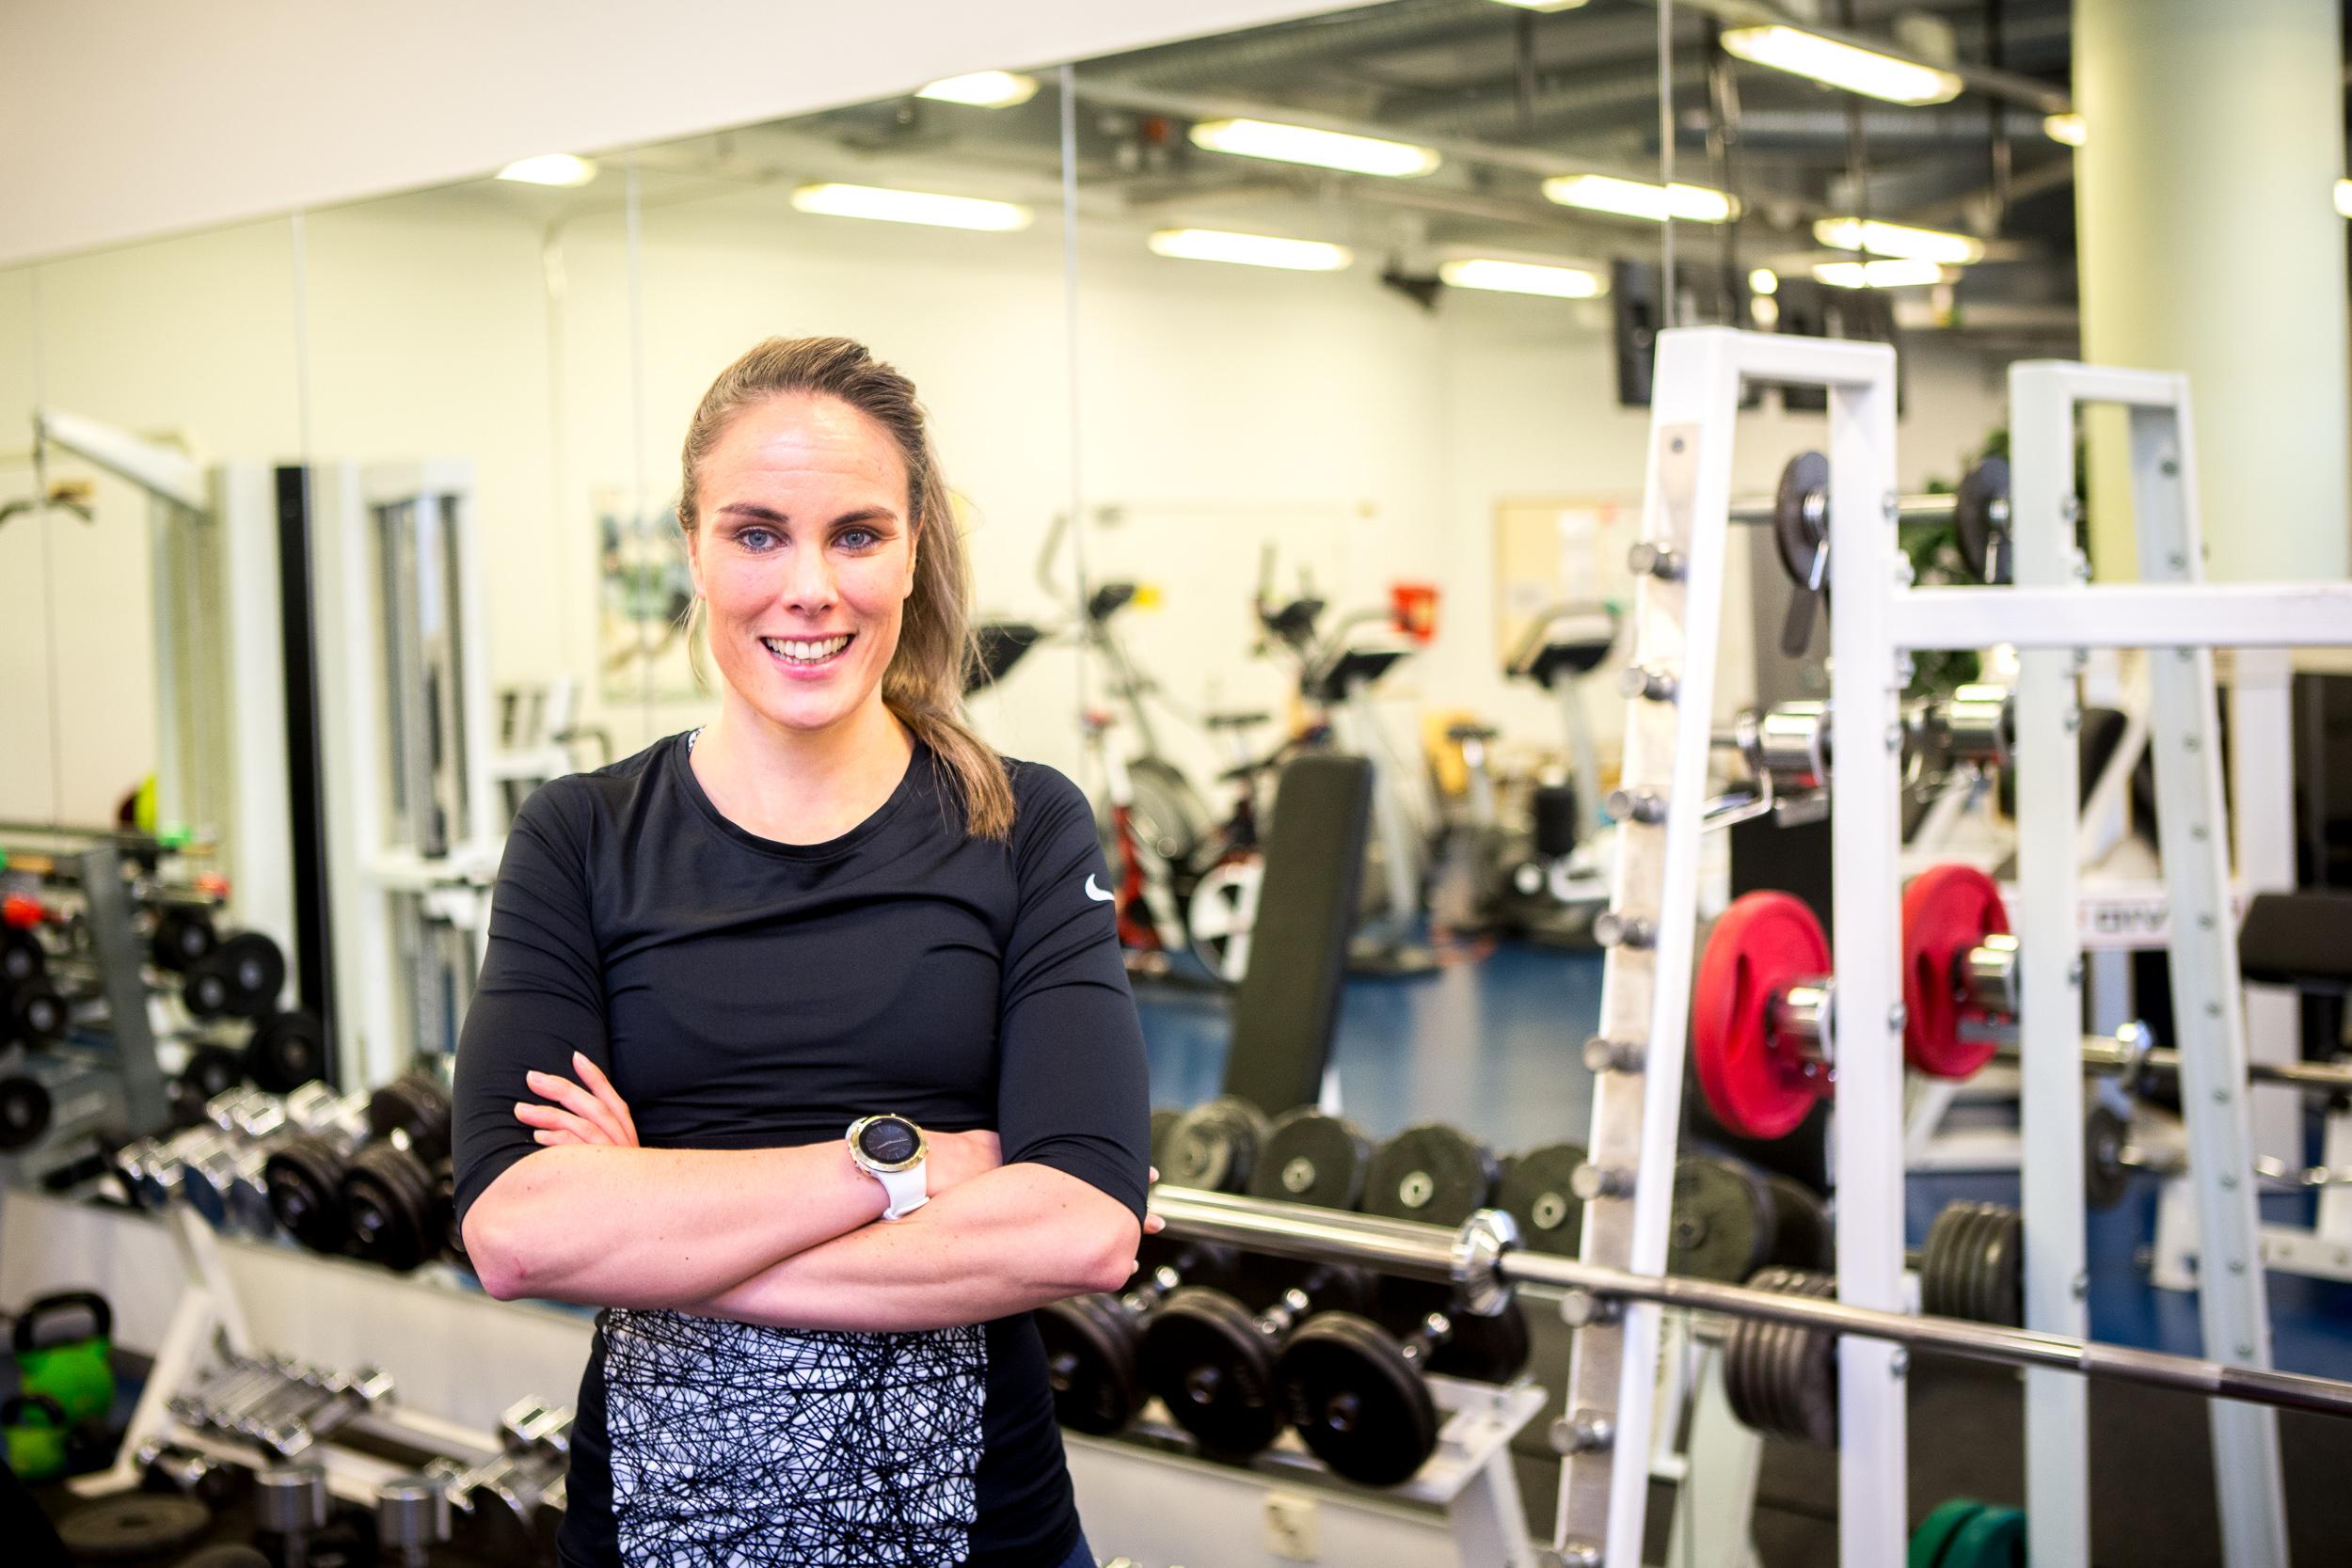 Hanna Seikola - TE3 analyysit, personal training ja fysiikkavalmennus.Hanna on koulutukseltaan Liikuntatieteiden Maisteri. Hanna on toiminut valmentajana ja personal trainerina kahdeksan vuotta. Hannan oma lajitausta tulee uinnista, juoksusta ja kamppailulajeista. Nykyään harrastuksiin kuuluu swimrun ja crossfit. Hanna rakastaa luontoa ja uskoo valmennuksessaan vahvasti siihen, että vahvin sitoutuminen urheiluun ja liikkumiseen syntyy elämyksen kautta. Hanna tulee helposti toimeen erilaisten ihmisten kanssa ja vilkkaan mielikuvituksen ansiosta, Hanna on erityisen hyvä inspiroimaan ja motivoimaan ihmisiä. Ajanvaraus: hanna.seikola@virkisteri.fi